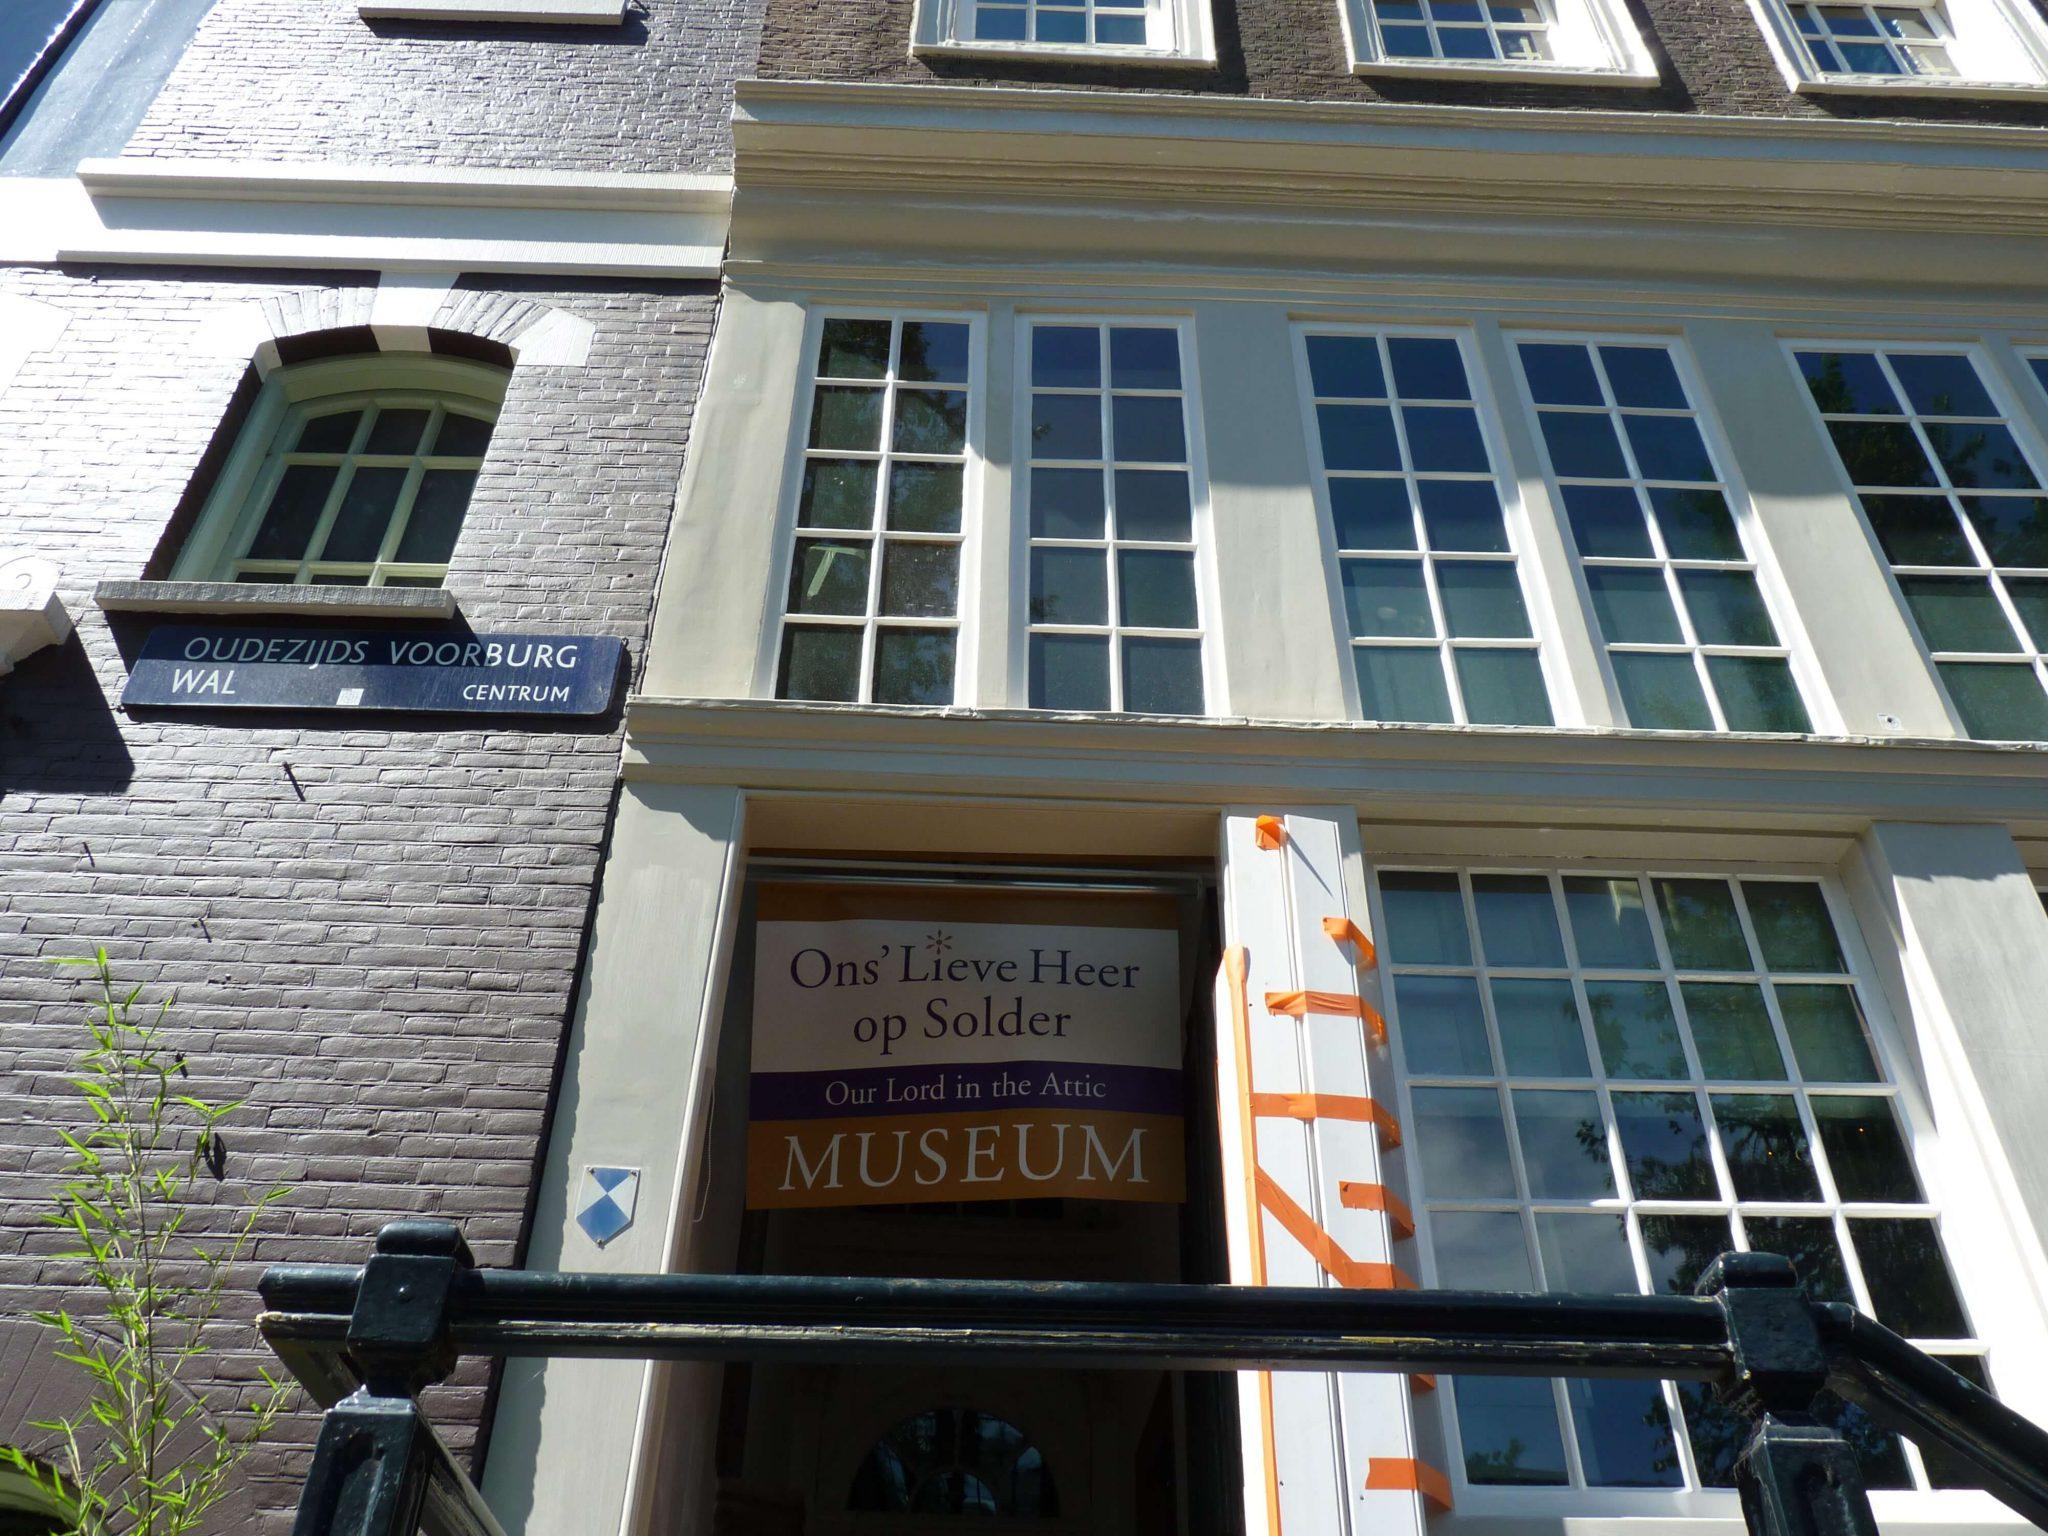 Igreja de Nosso Senhor do Sótão entrada Amesterdão Países Baixos Mundo Indefinido